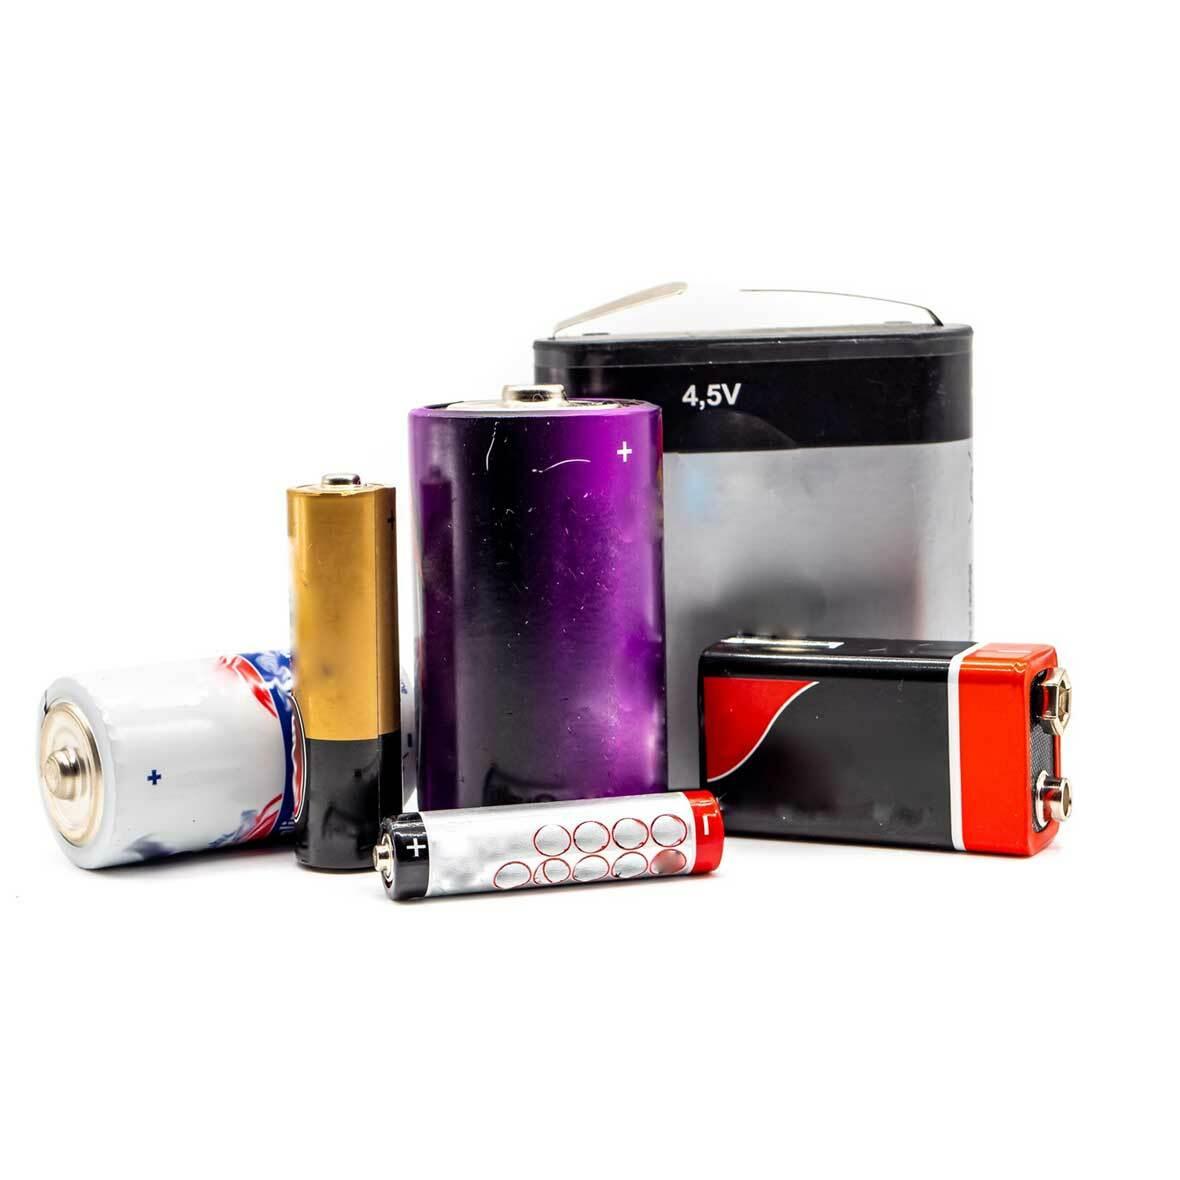 Cables & Batteries